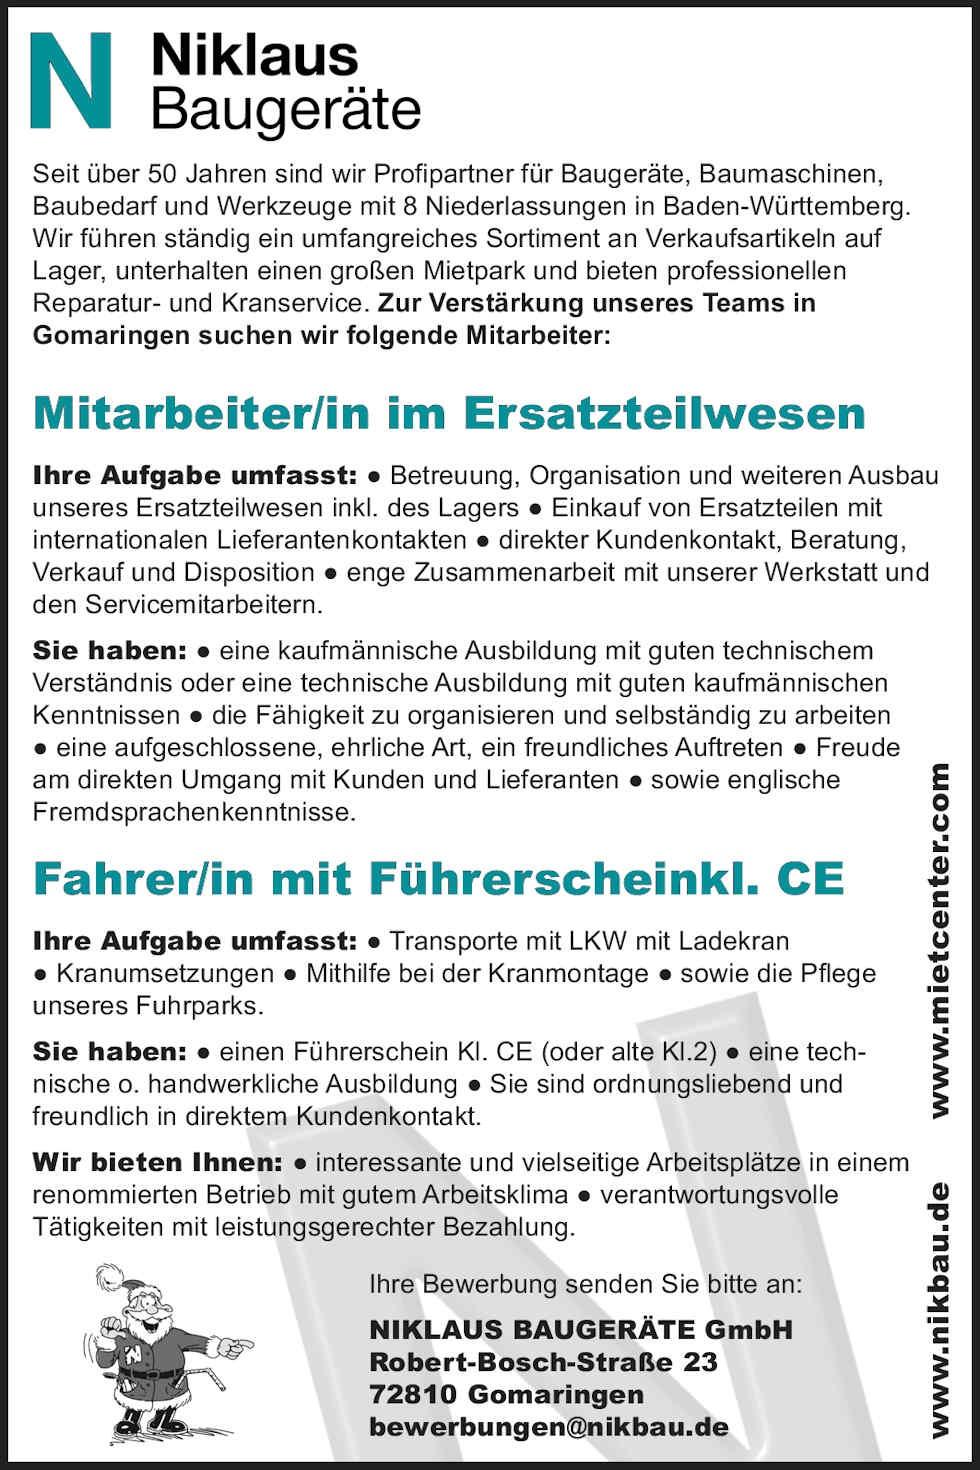 Stellenausschreibungen für Niklaus Baugeräte in Gomaringen im Mai 2019